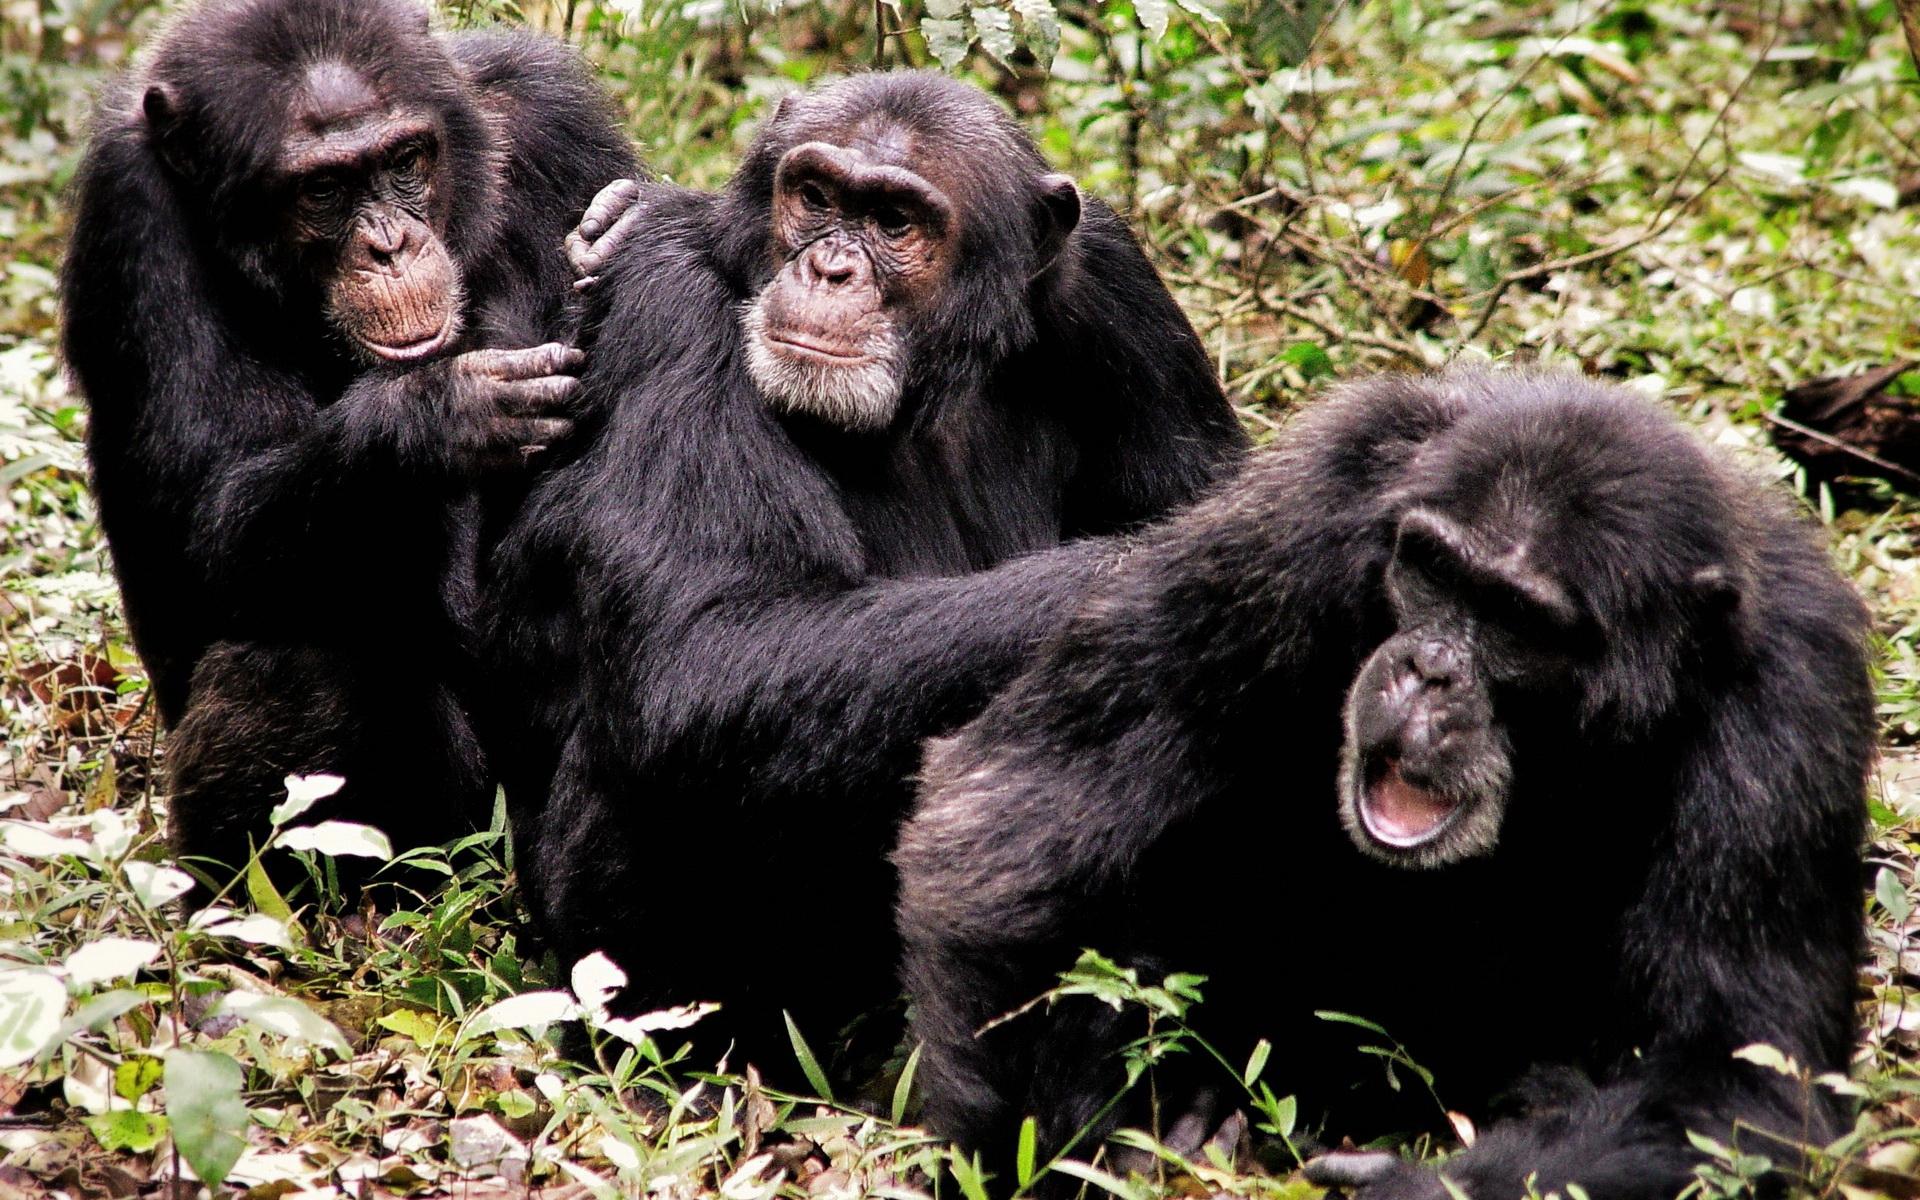 动物世界-猩猩猴子(1920x1200) 壁纸